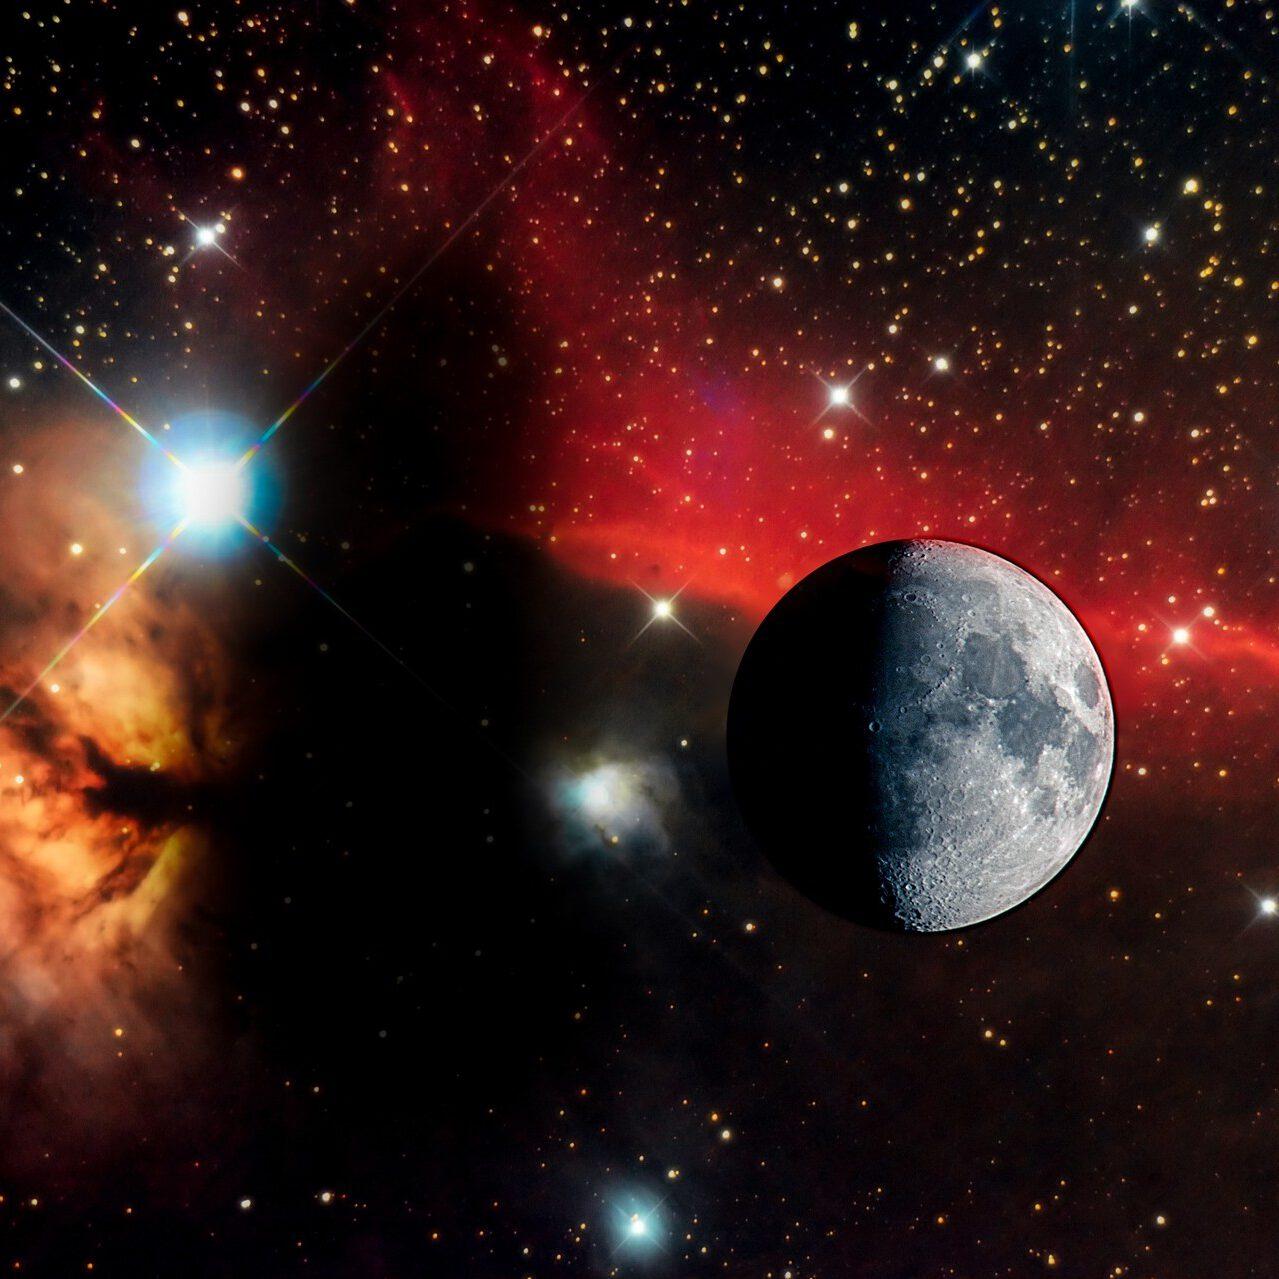 Luna Charon